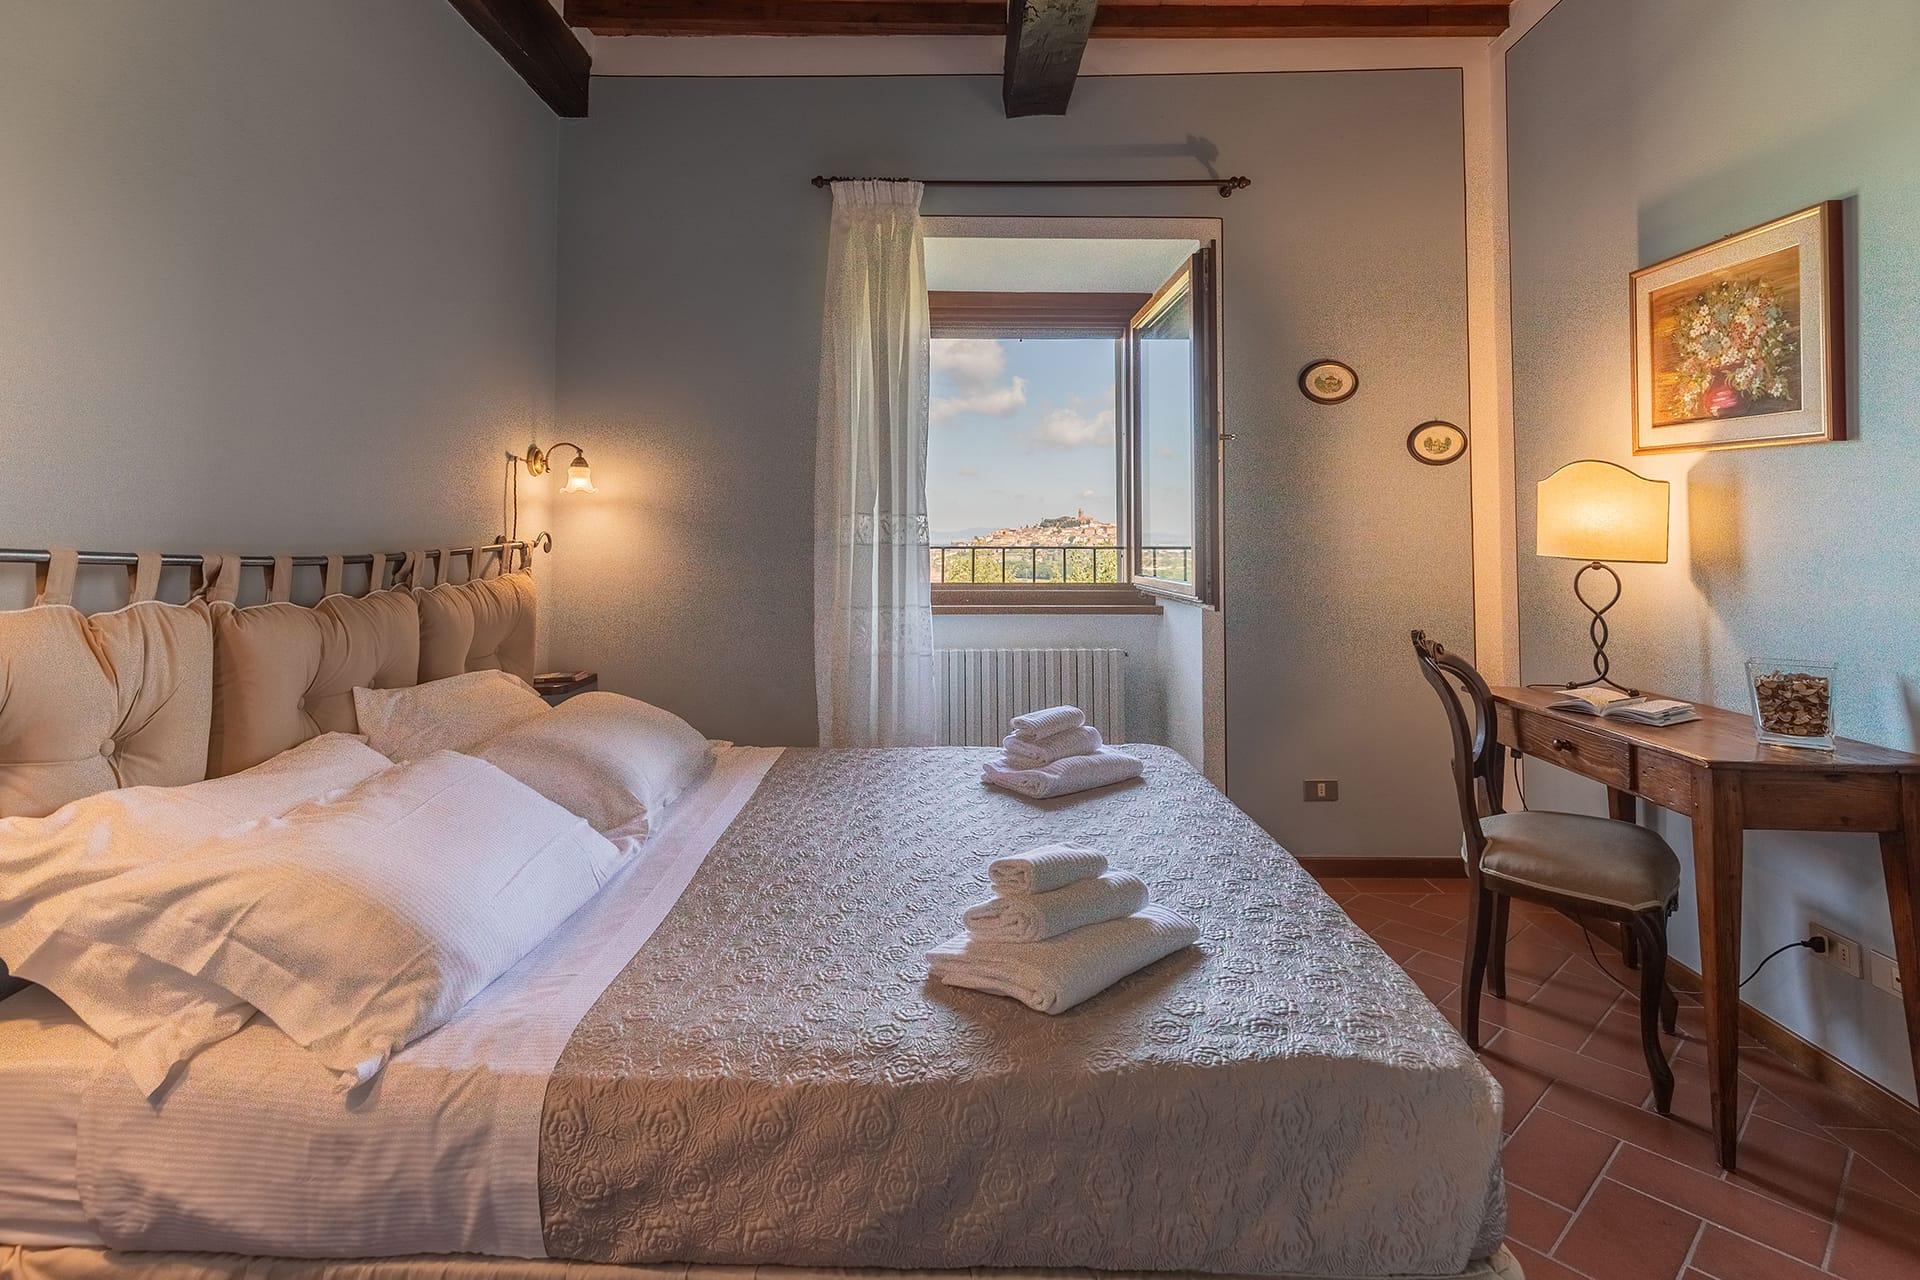 La Guardata, Villa con piscina privata a Castiglion Fiorentino, Toscana